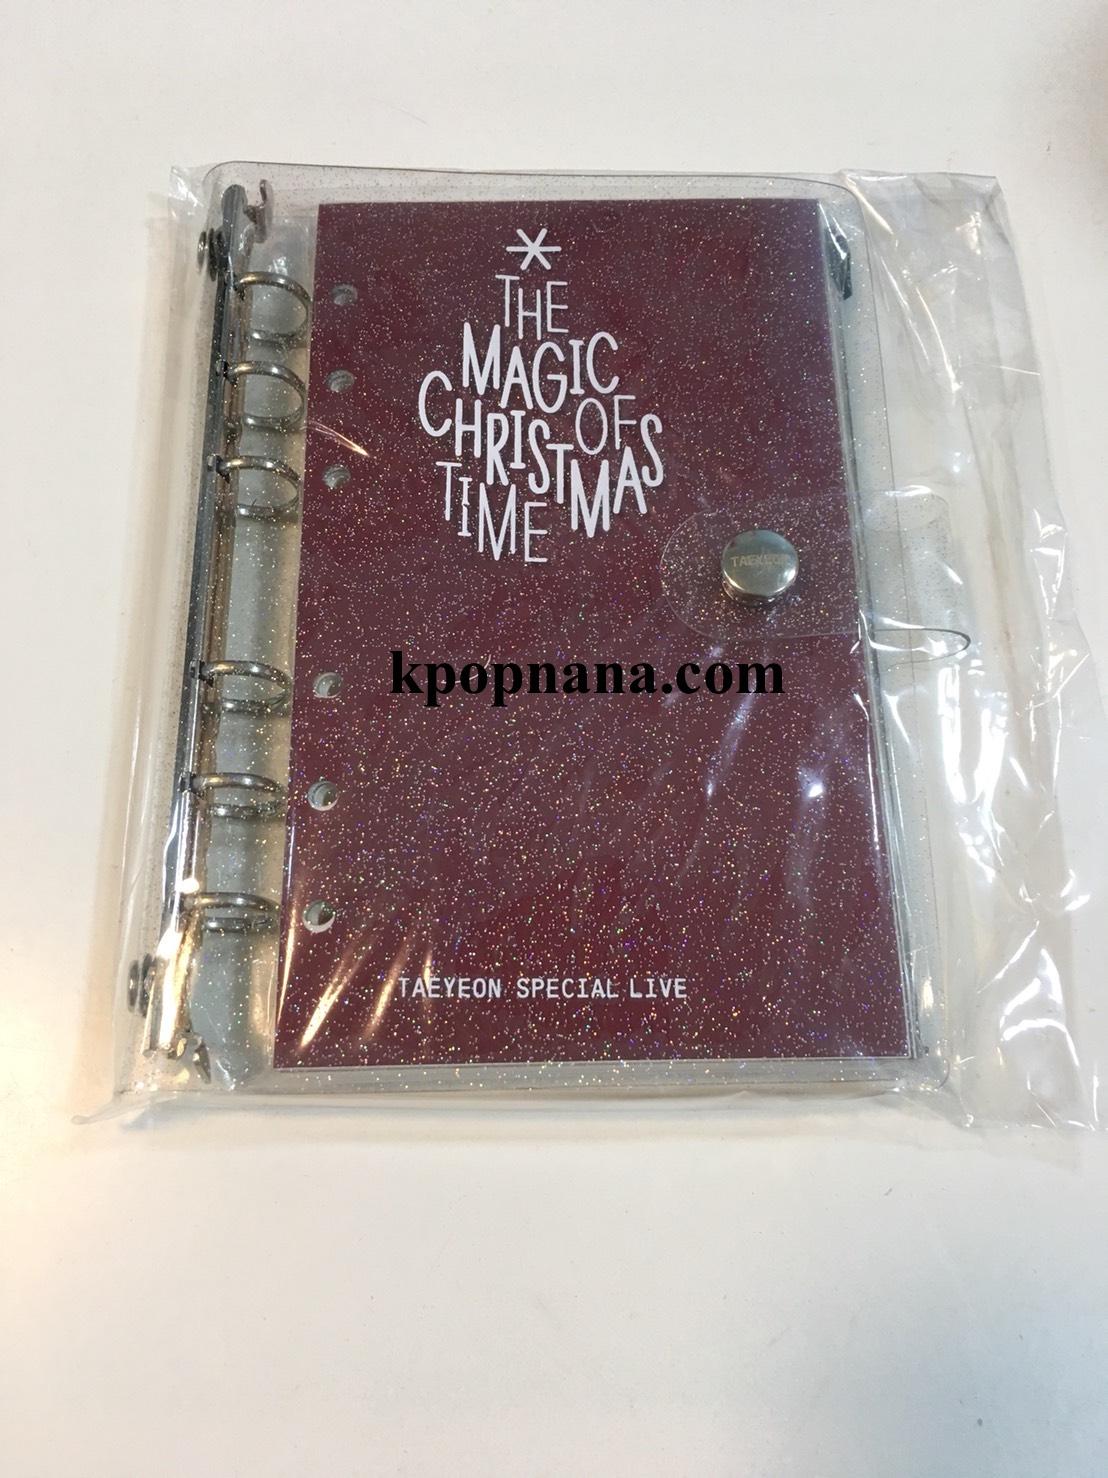 """ของหน้าคอน แทยอน TAEYEON SPECIAL LIVE """"The Magic of Christmas Time"""" -Diary &Sticker set พร้อมส่ง"""